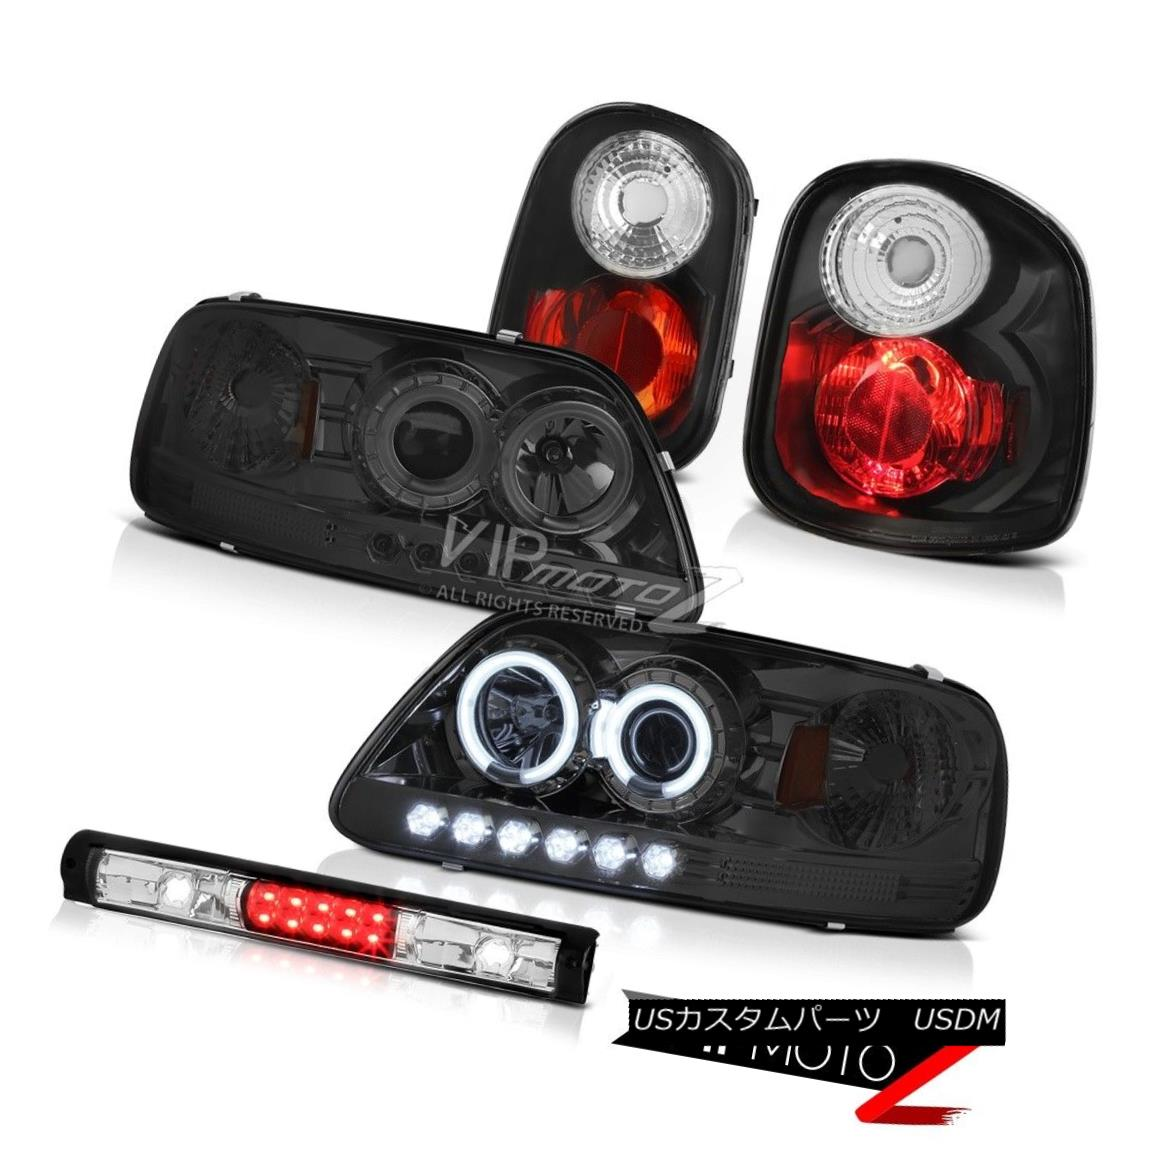 ヘッドライト CCFL Angel Eye Headlights Corner Tail Lights Black 3rd 97-00 F150 Flareside SVT CCFLエンジェルアイヘッドライトコーナーテールライトブラック3rd 97-00 F150 Flareside SVT